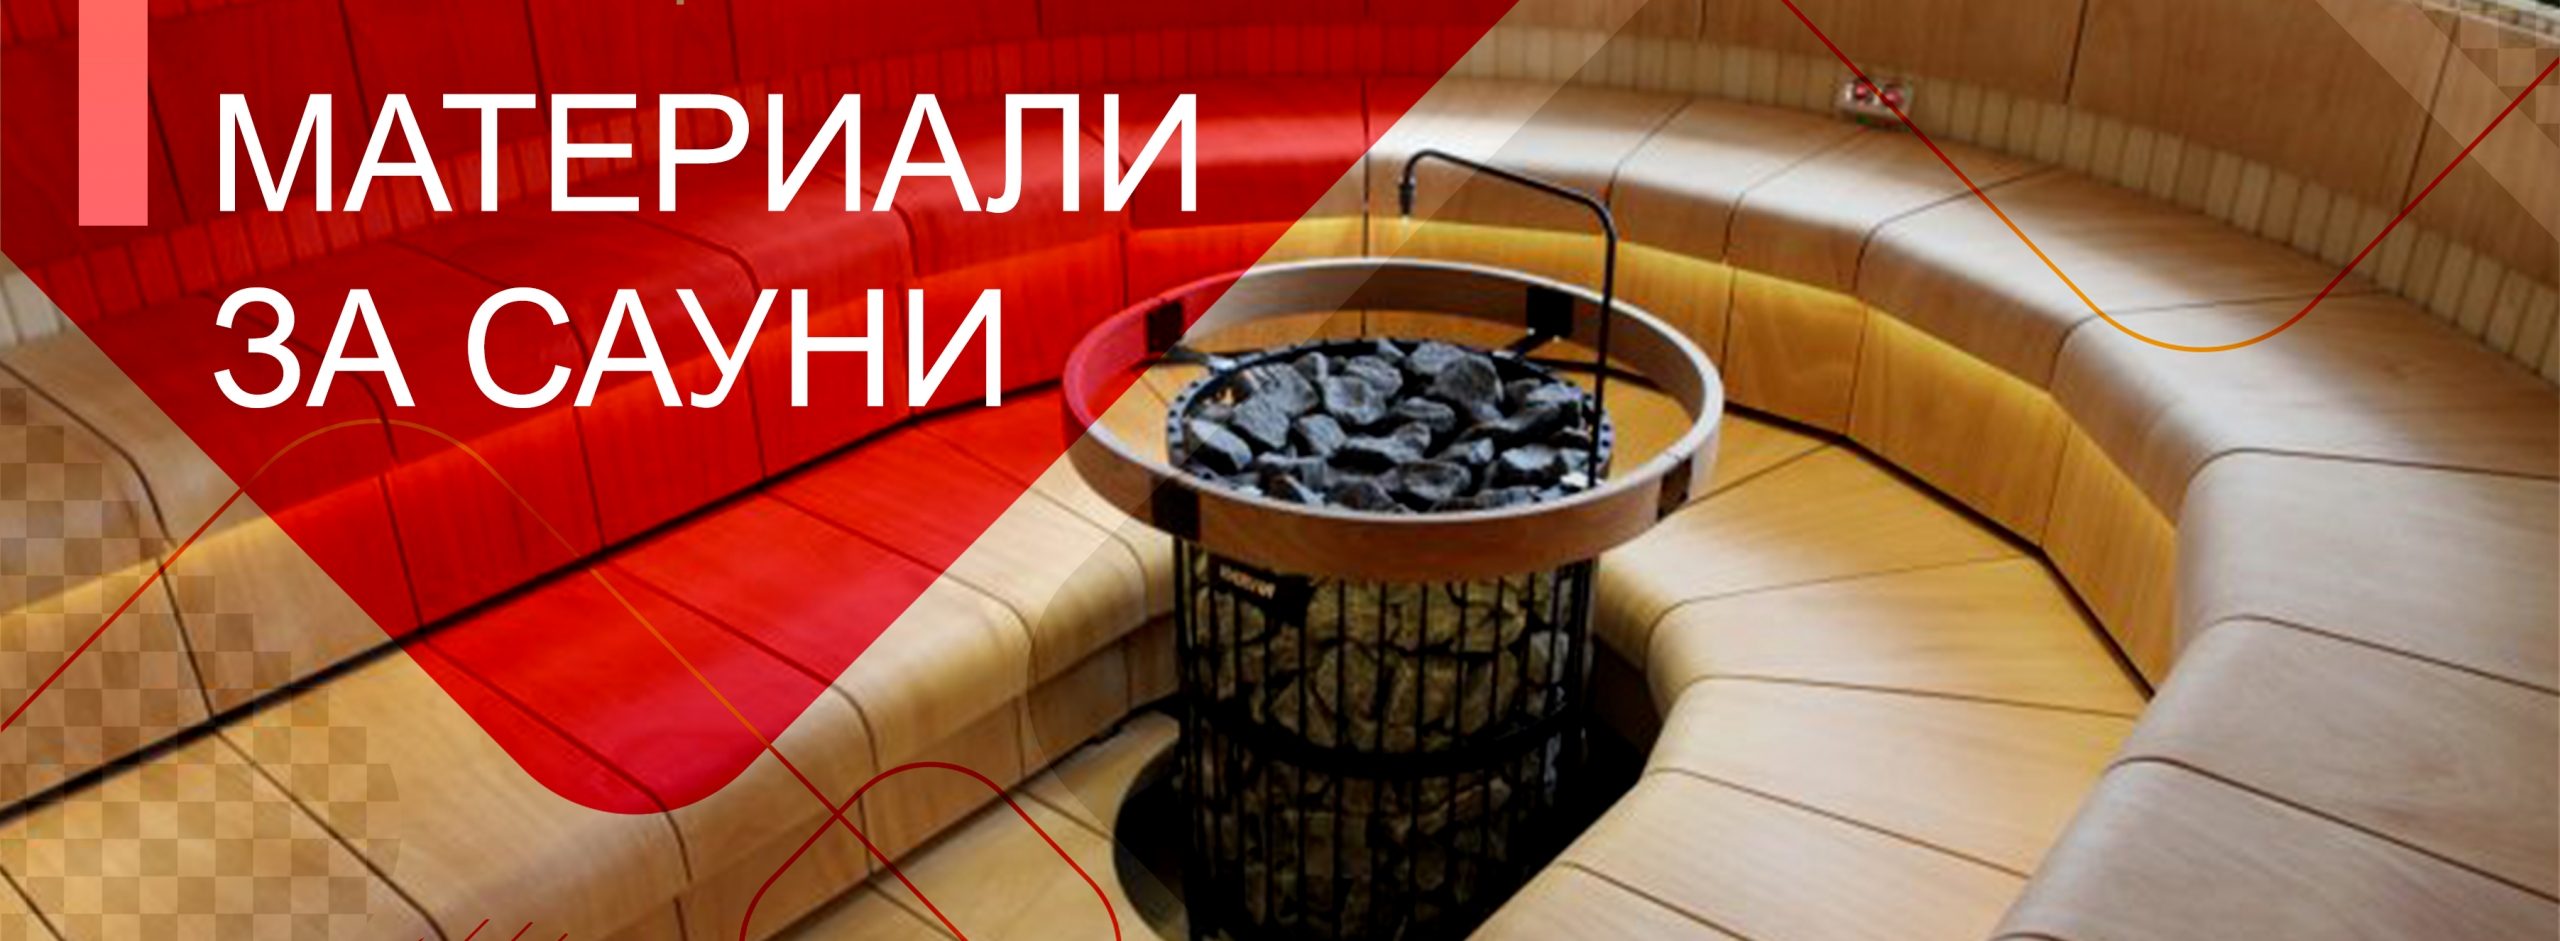 Материали за сауна от Sauna Club - доставка и монтаж